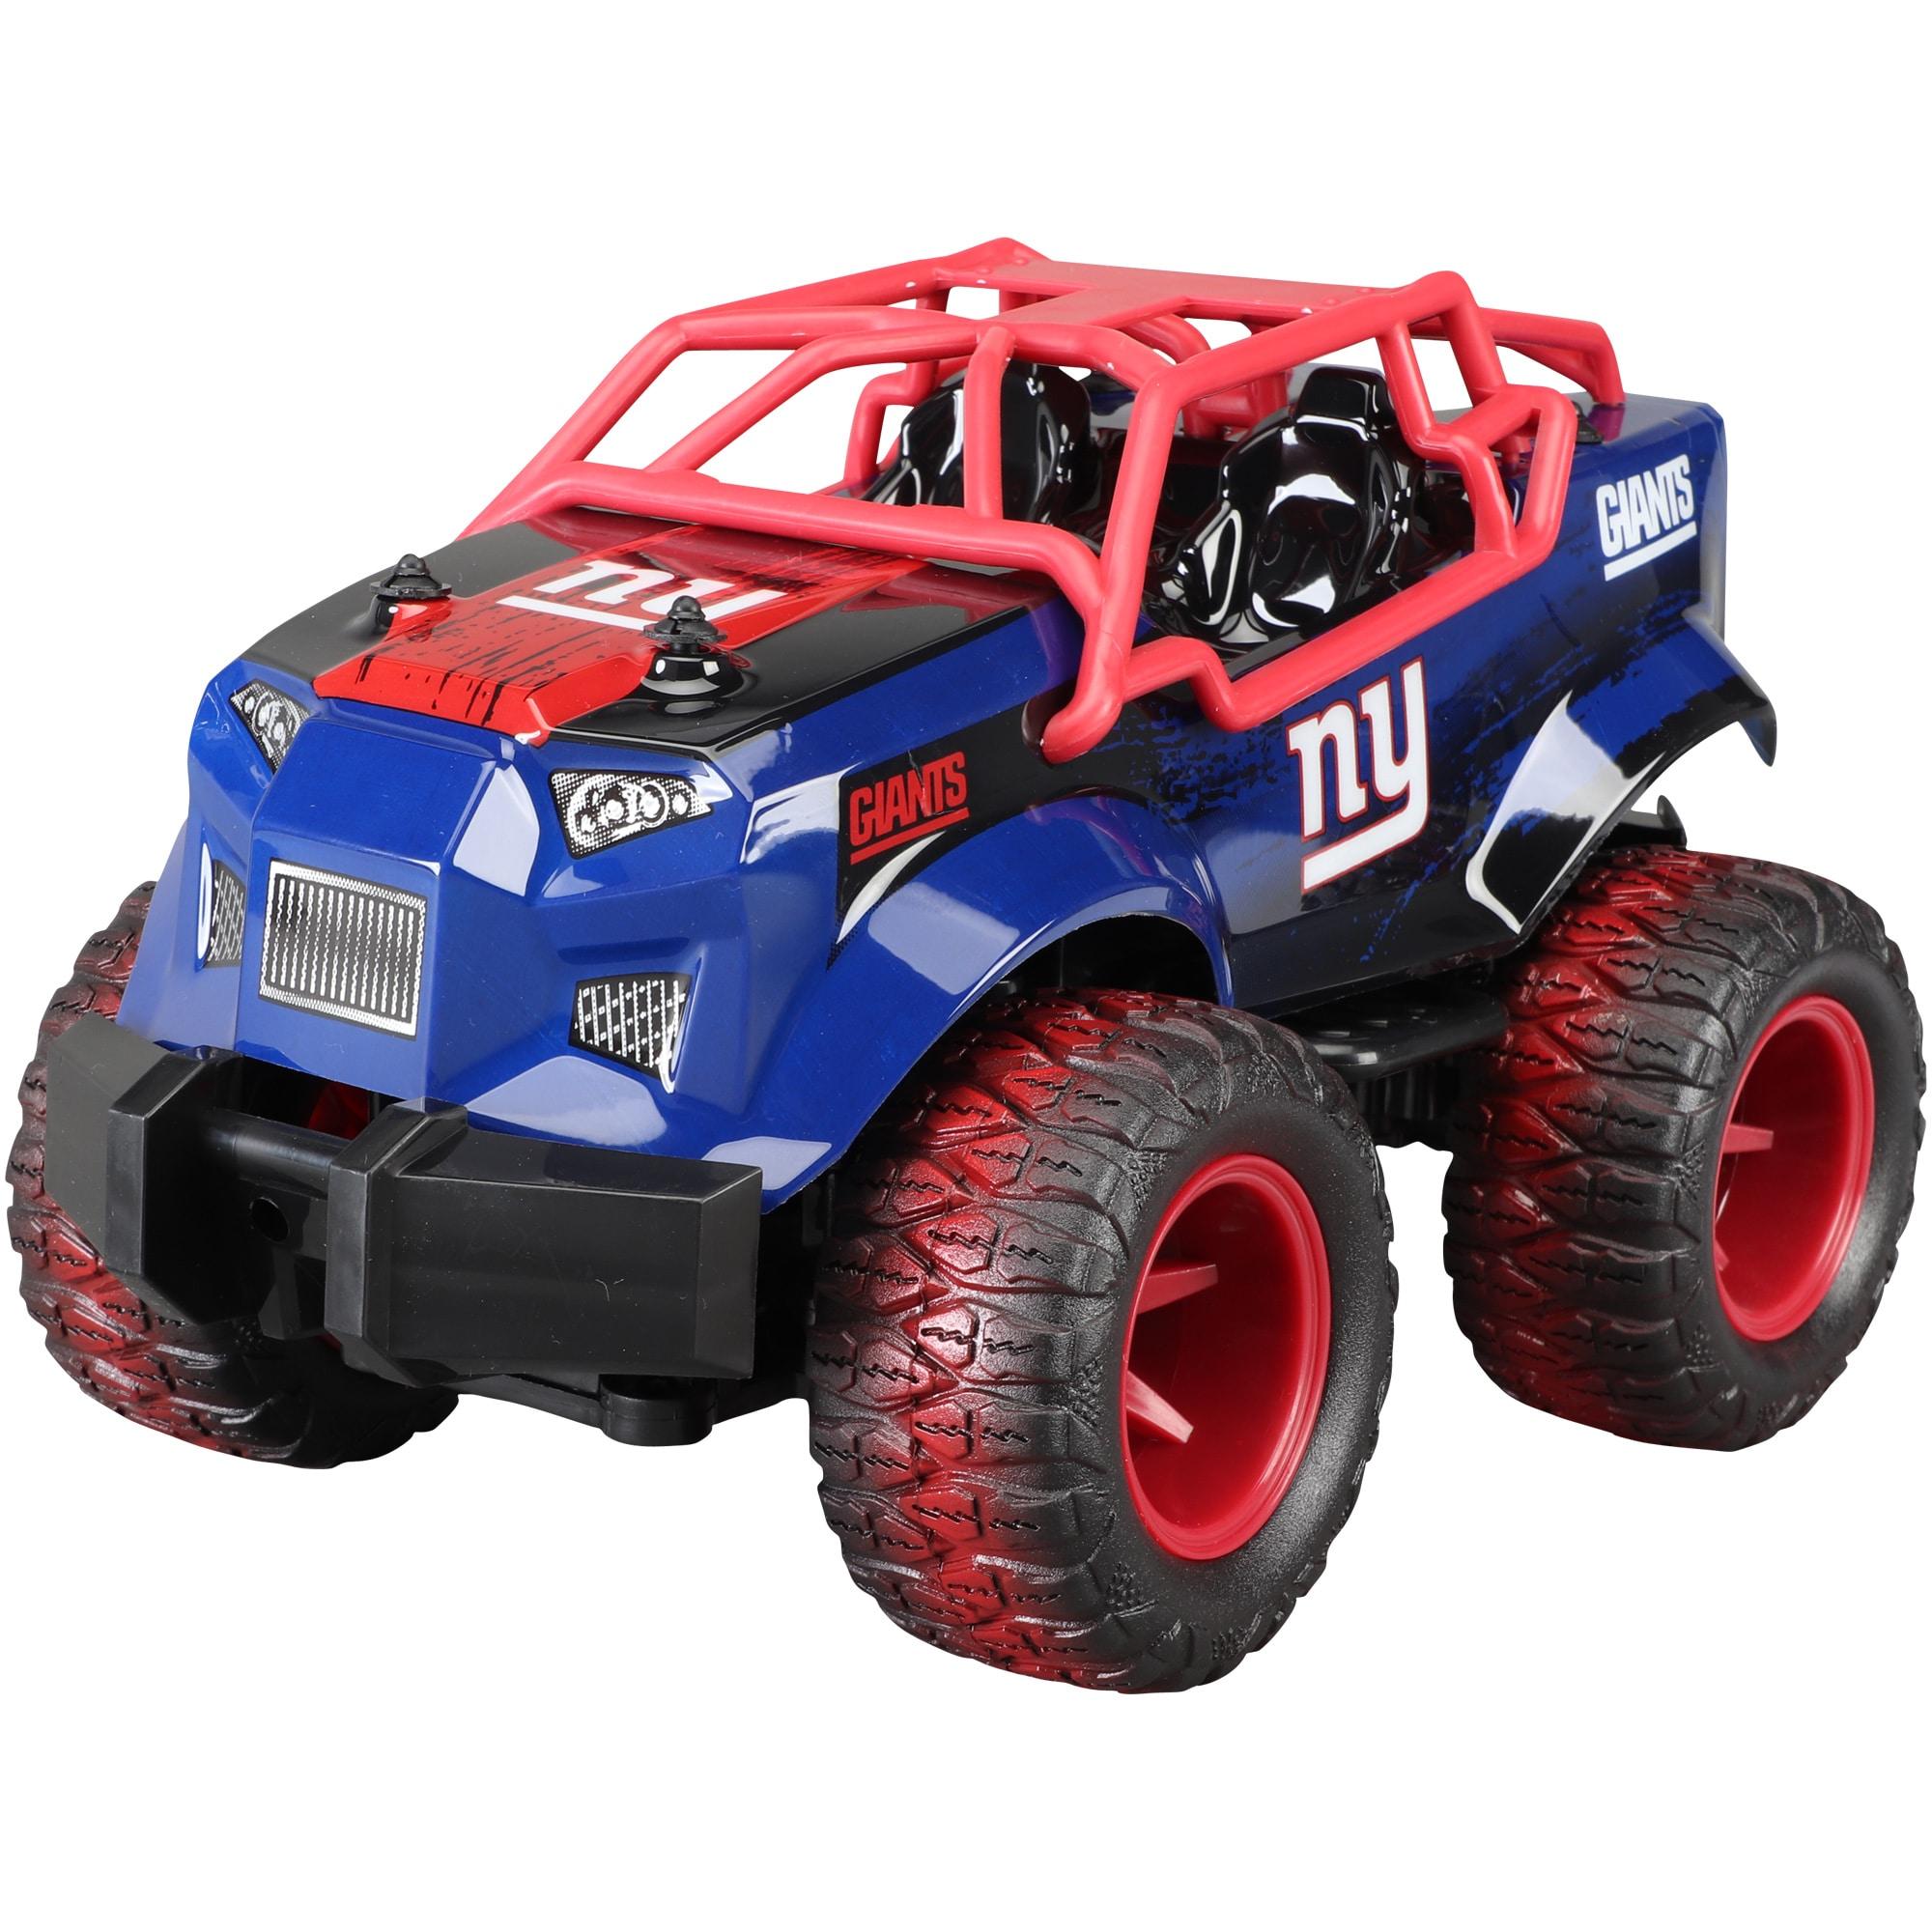 New York Giants Monster Truck Toy